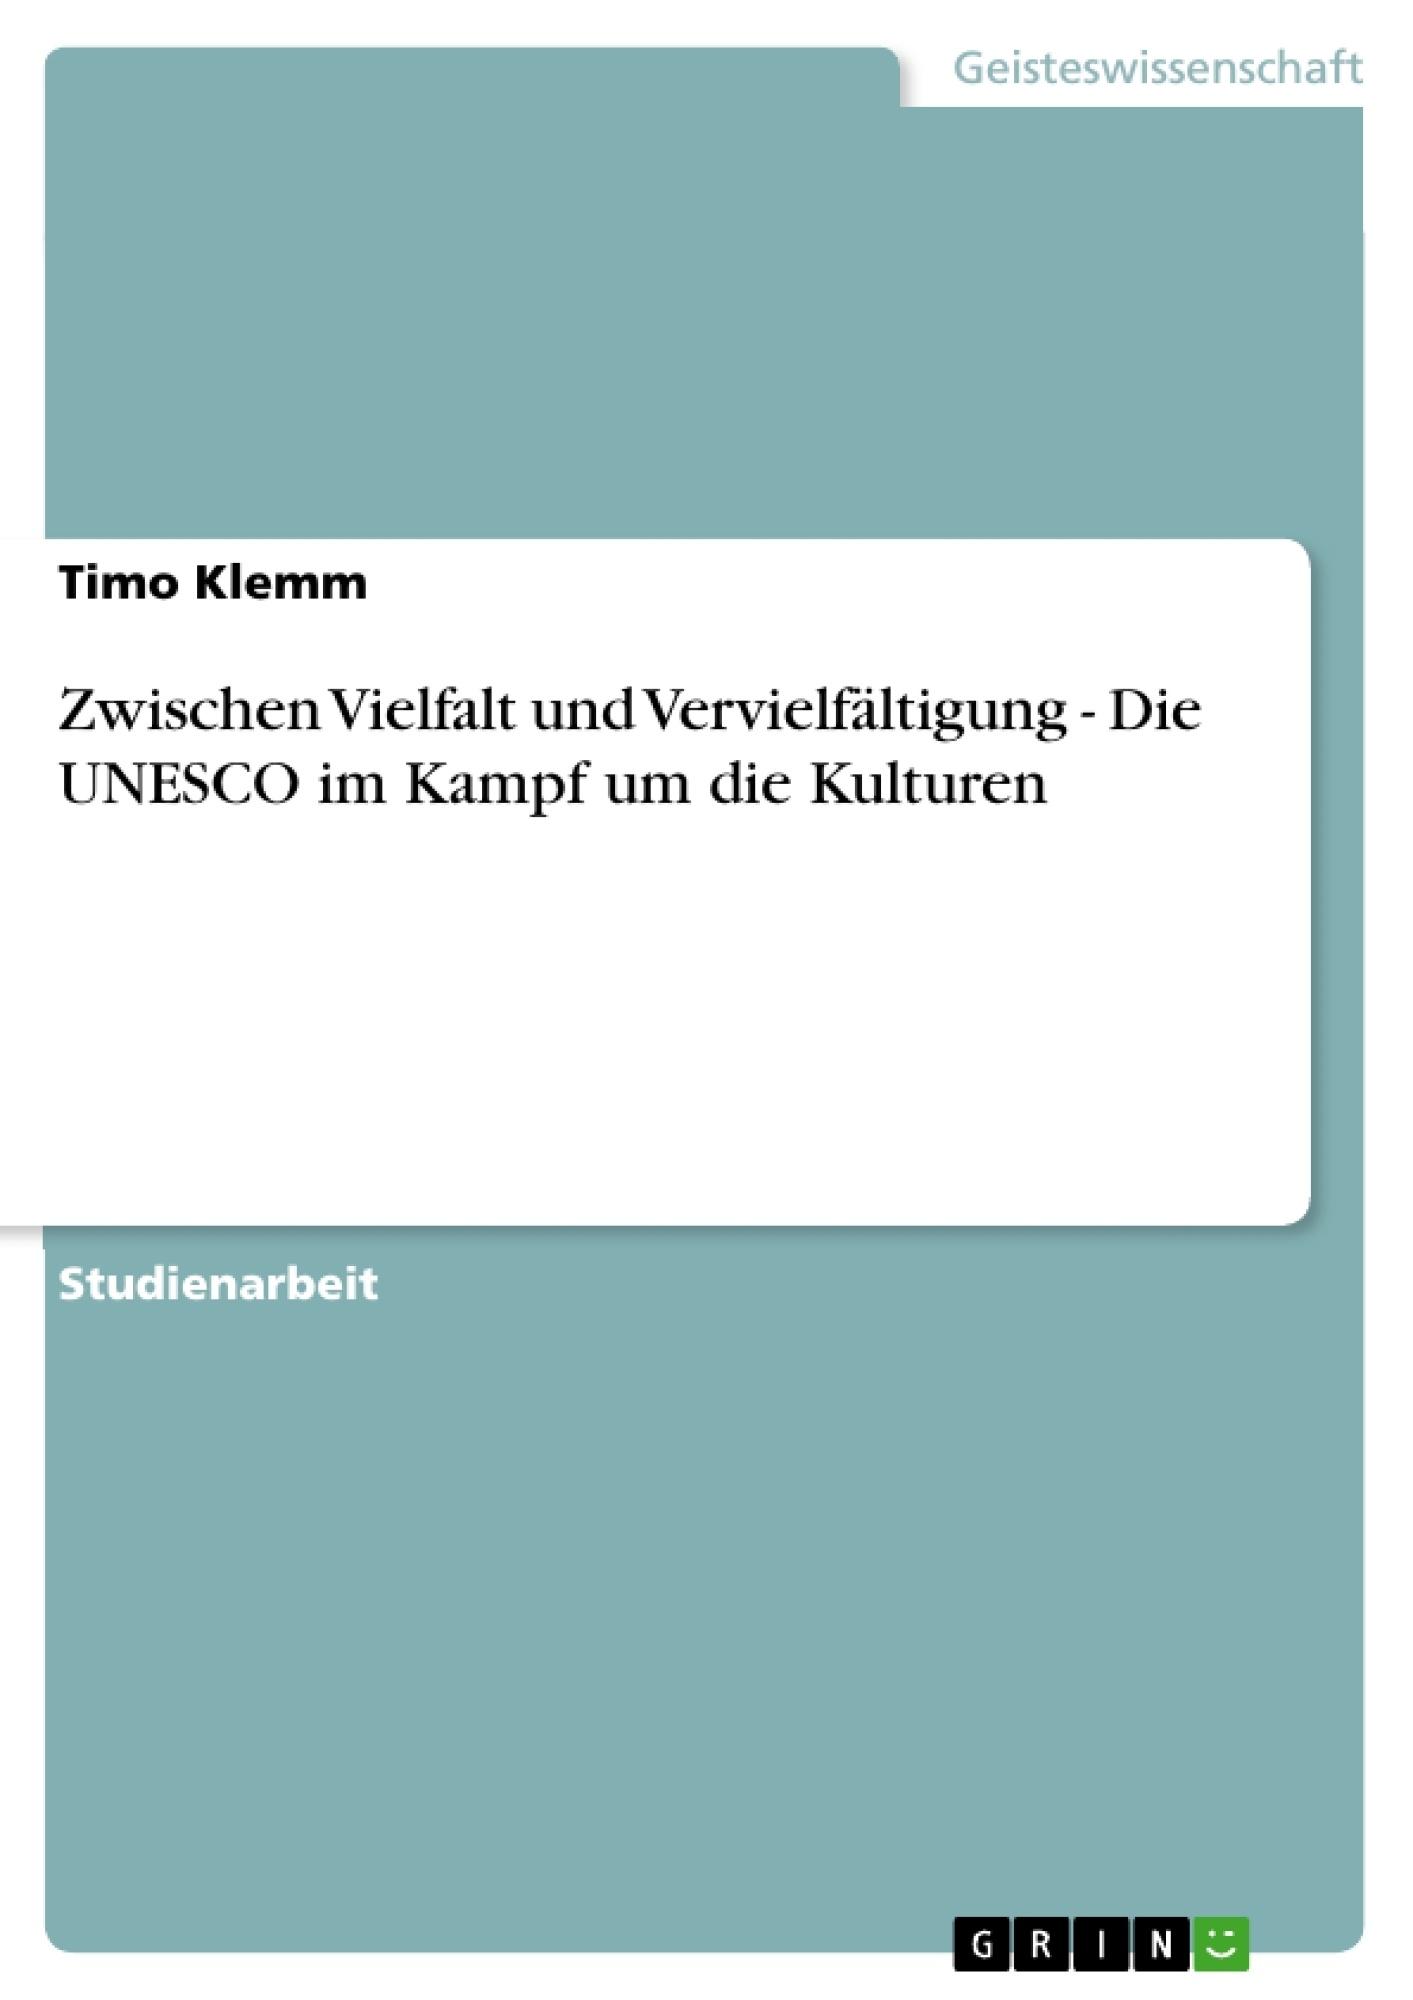 Titel: Zwischen Vielfalt und Vervielfältigung  -  Die UNESCO im Kampf um die Kulturen